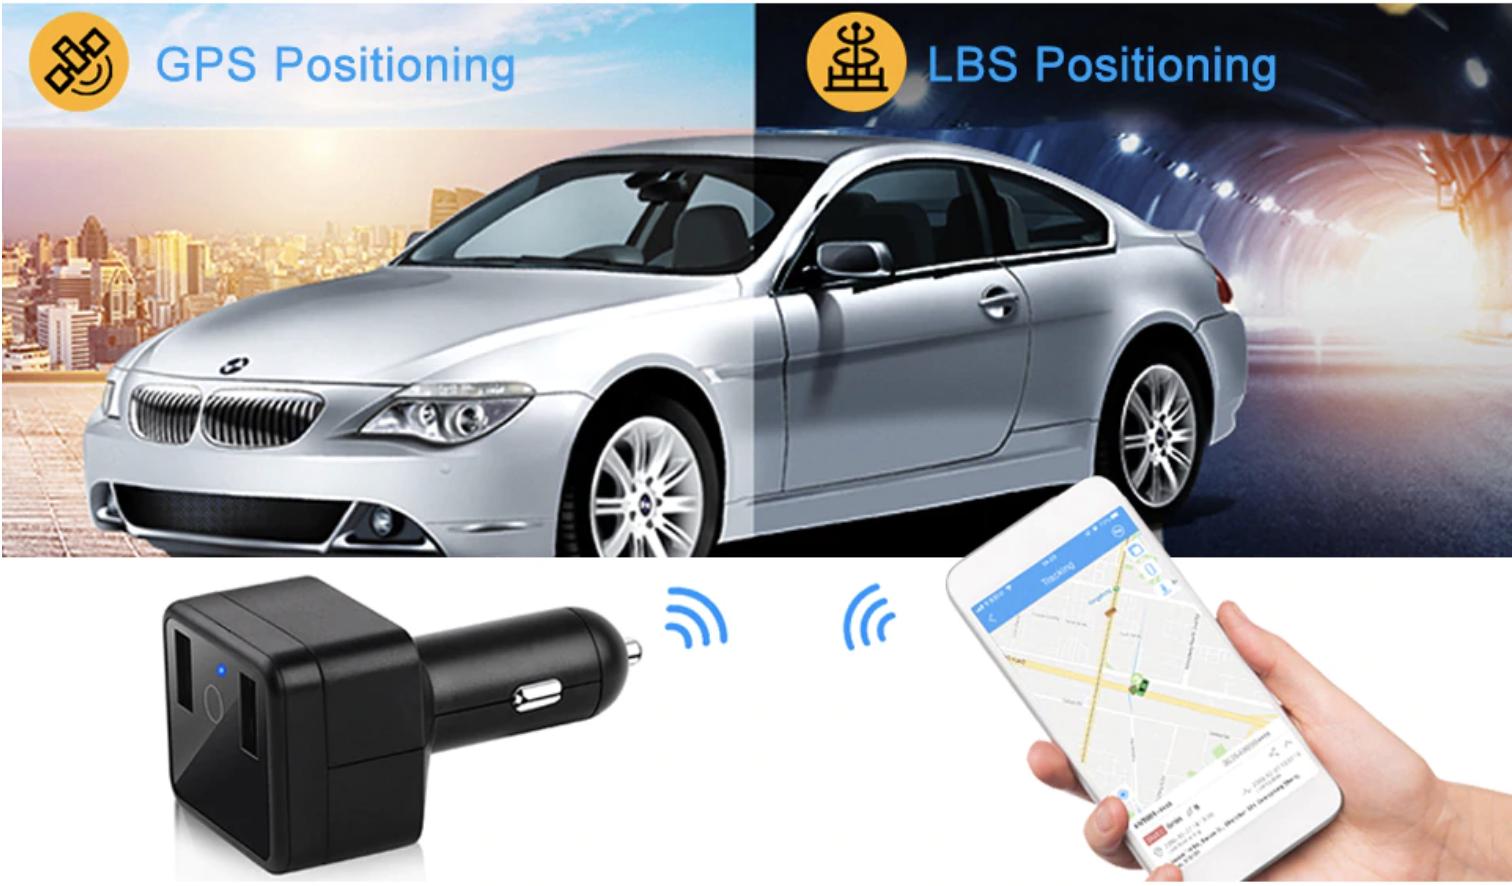 Định vị chính xác nhờ GPS và LBS